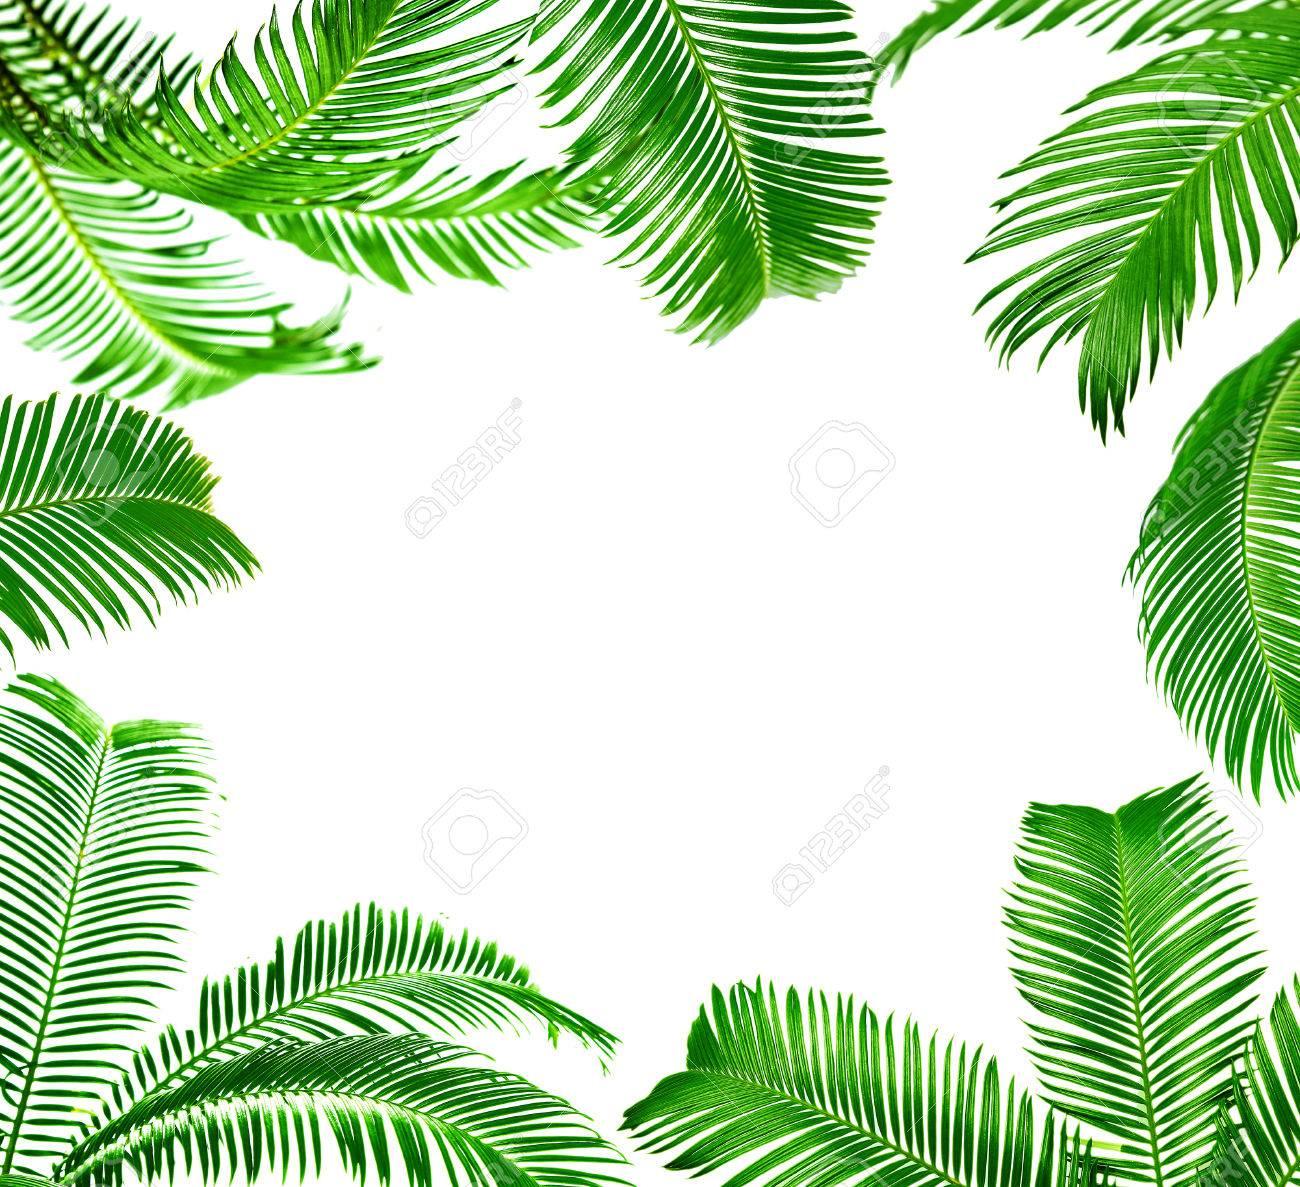 Rahmen Aus Grunen Palmenblatter Isoliert Auf Weissem Lizenzfreie